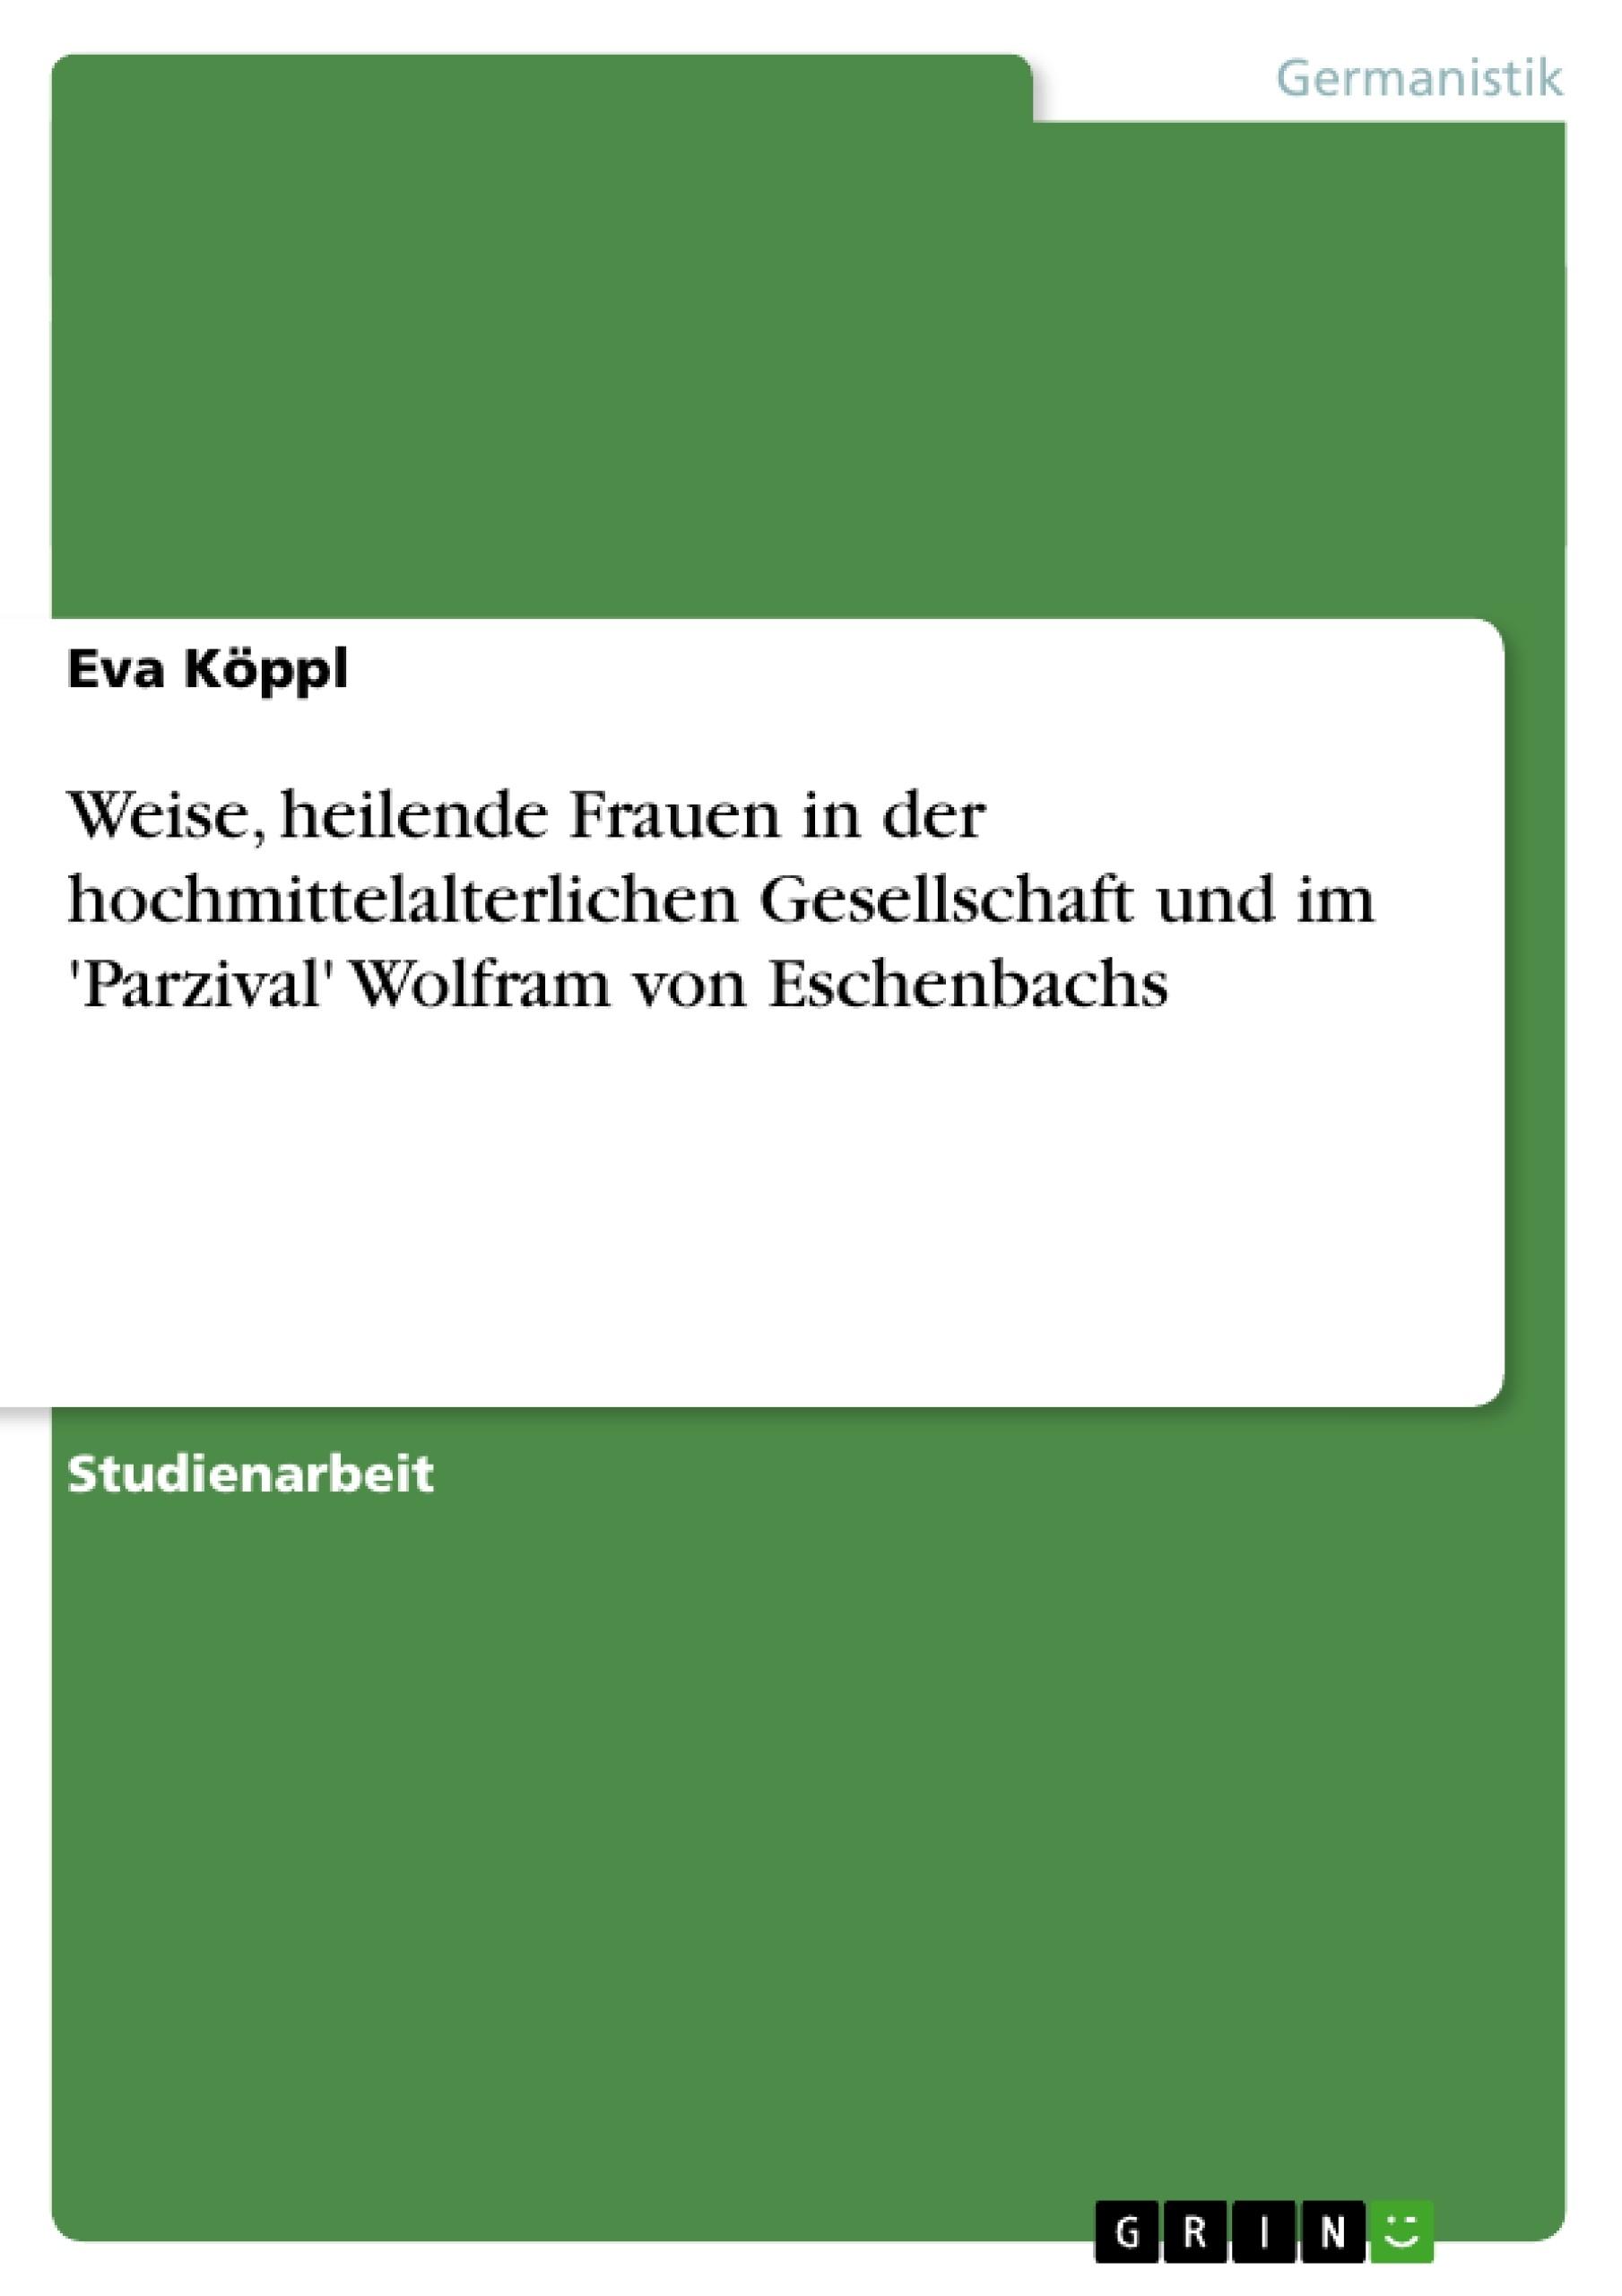 Titel: Weise, heilende Frauen in der hochmittelalterlichen Gesellschaft und im 'Parzival' Wolfram von Eschenbachs